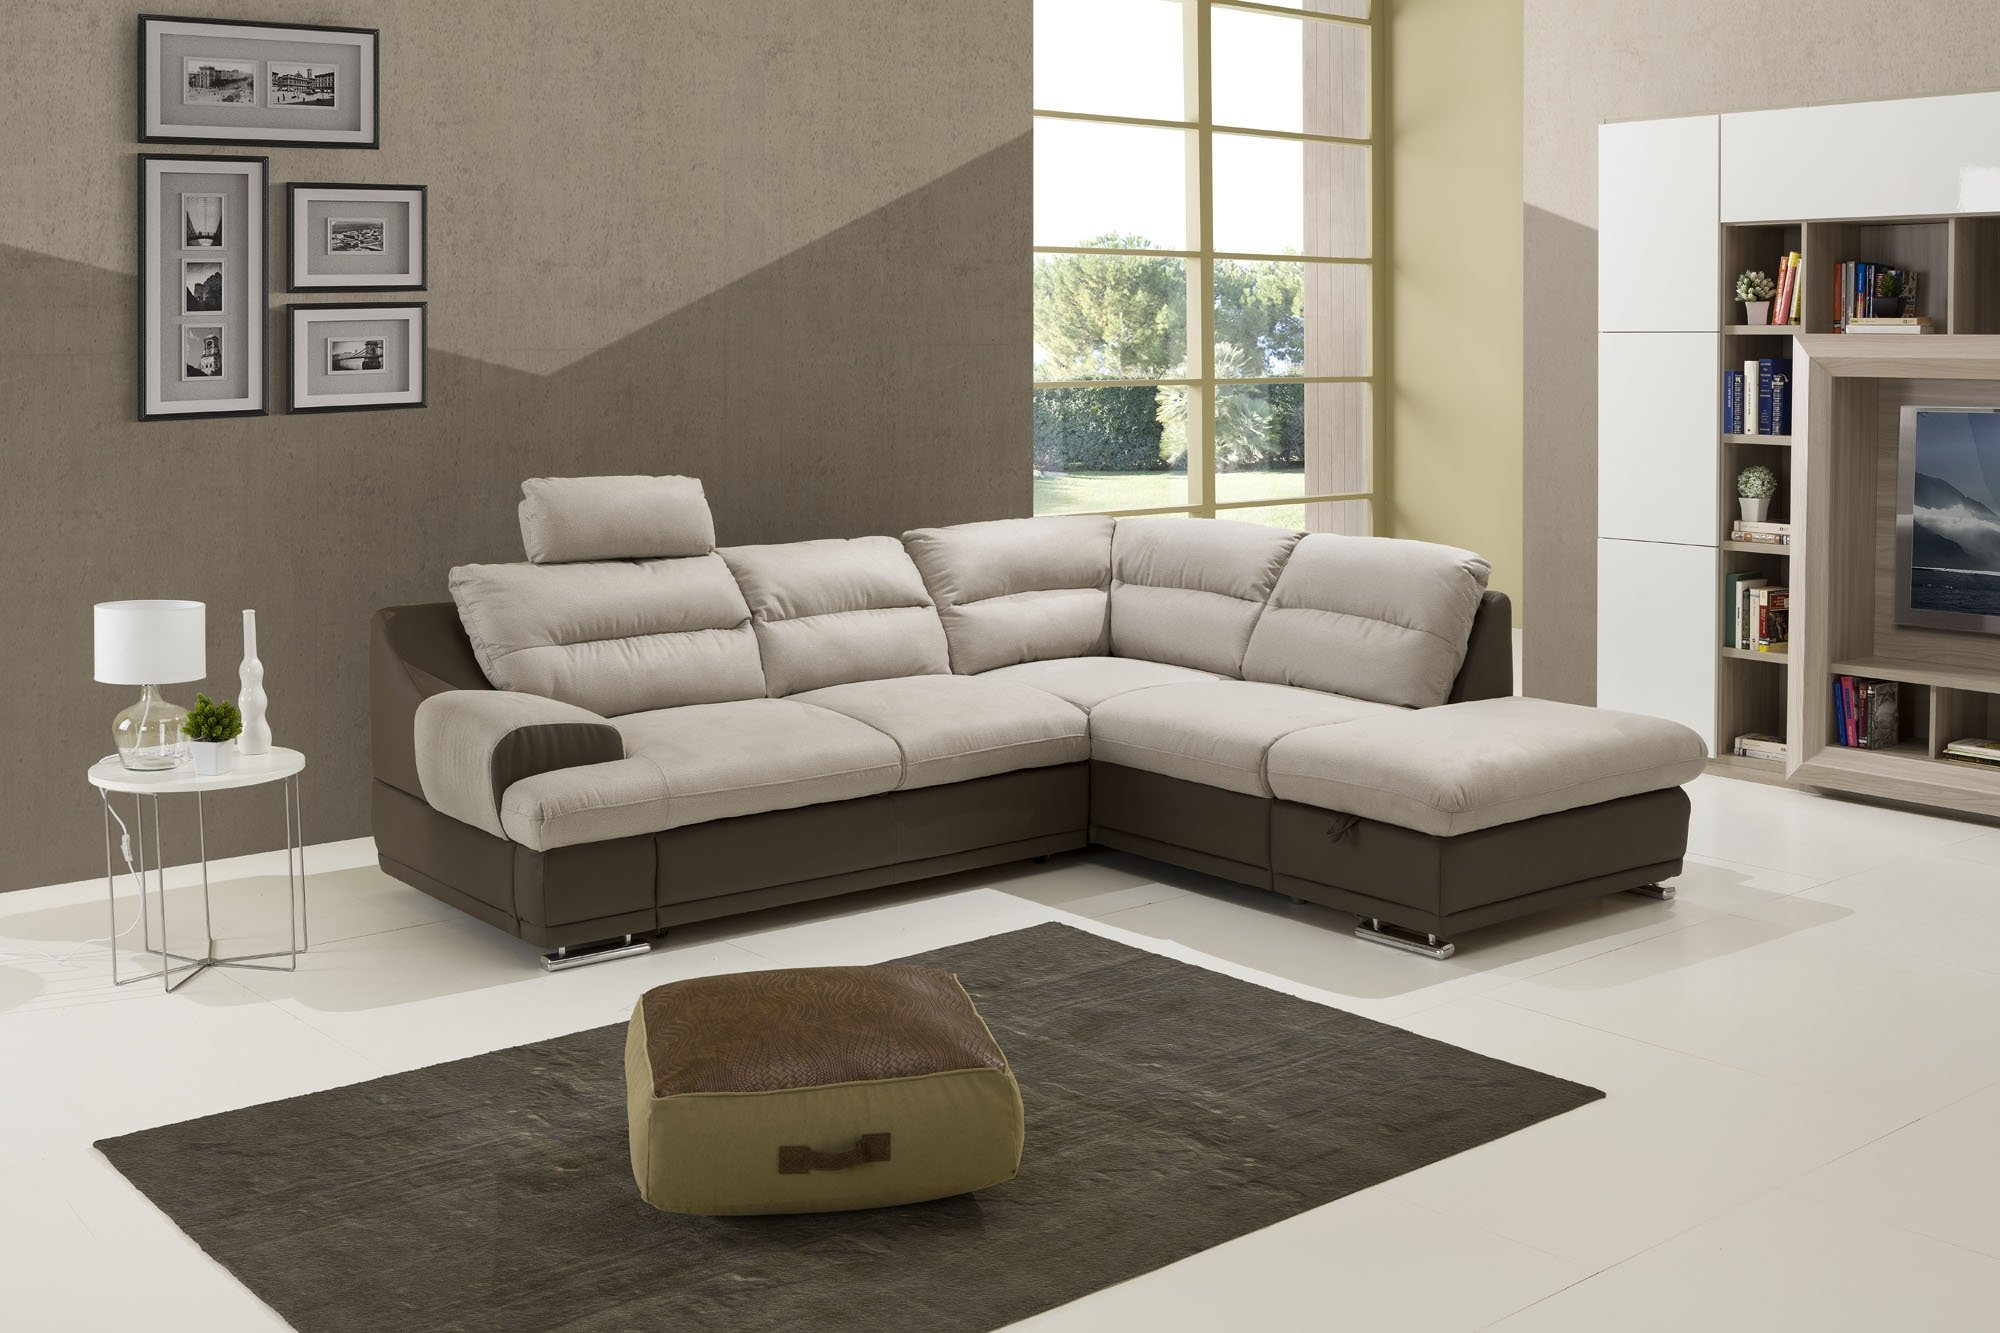 divano ad angolo bicolore, beige e color fango con pouf su tappeto grigio.